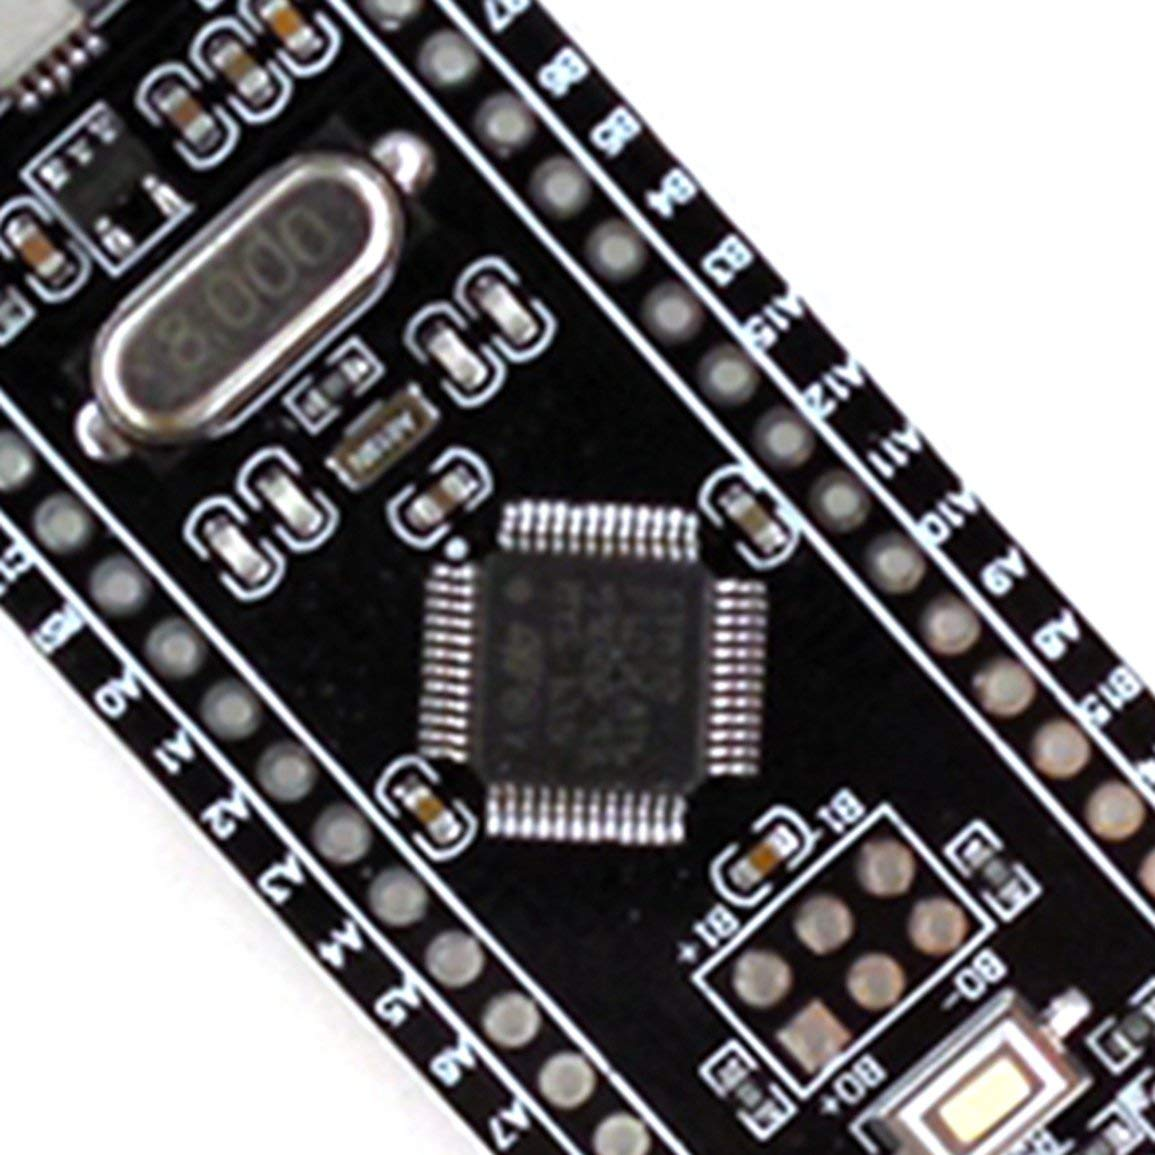 Écrans tactiles LCD STM32F103C8T6 ARM STM32 Minimum System